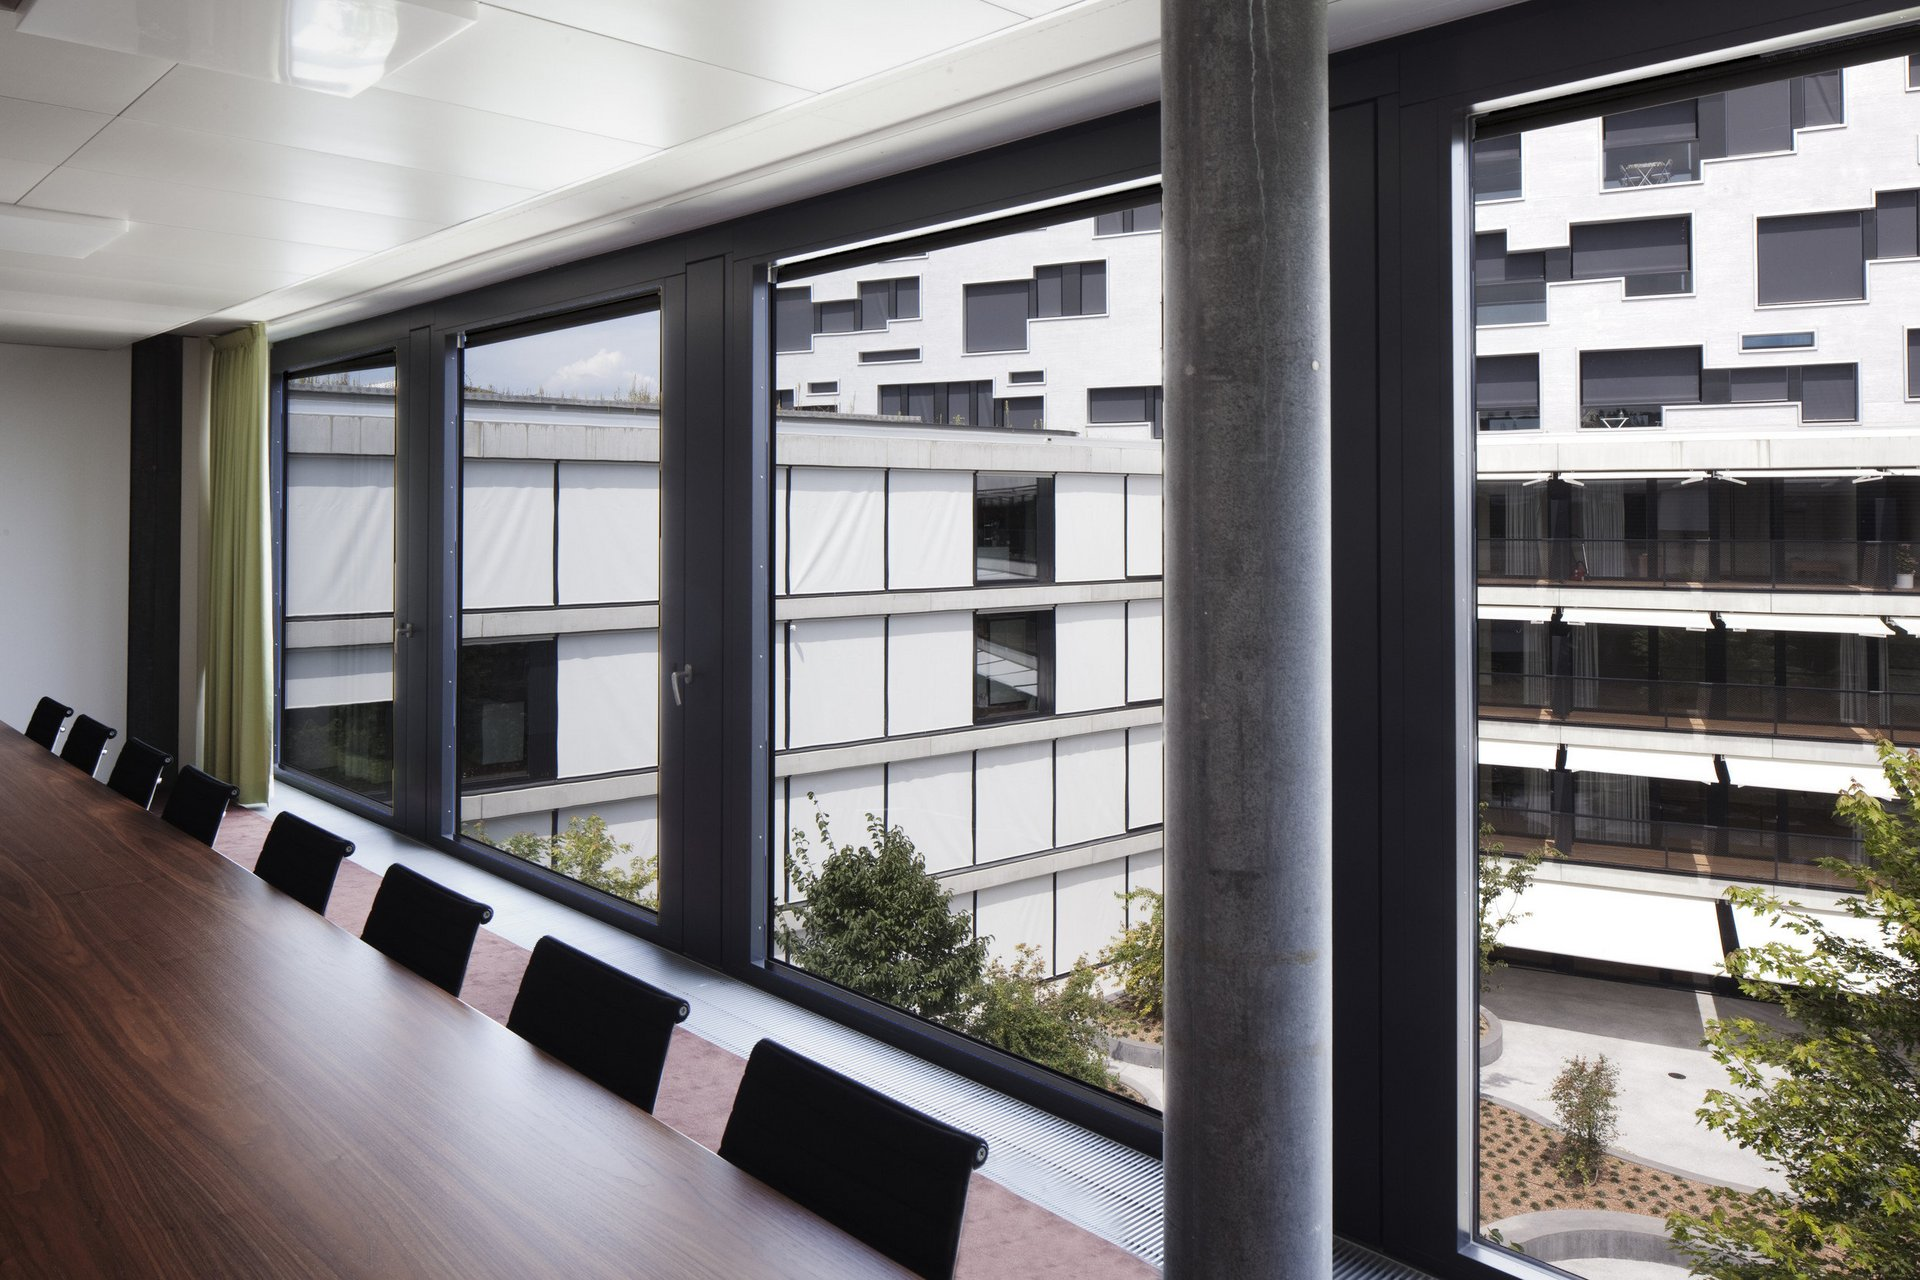 Besprechungszimmer mit grossen Fenstern als Lichtquelle